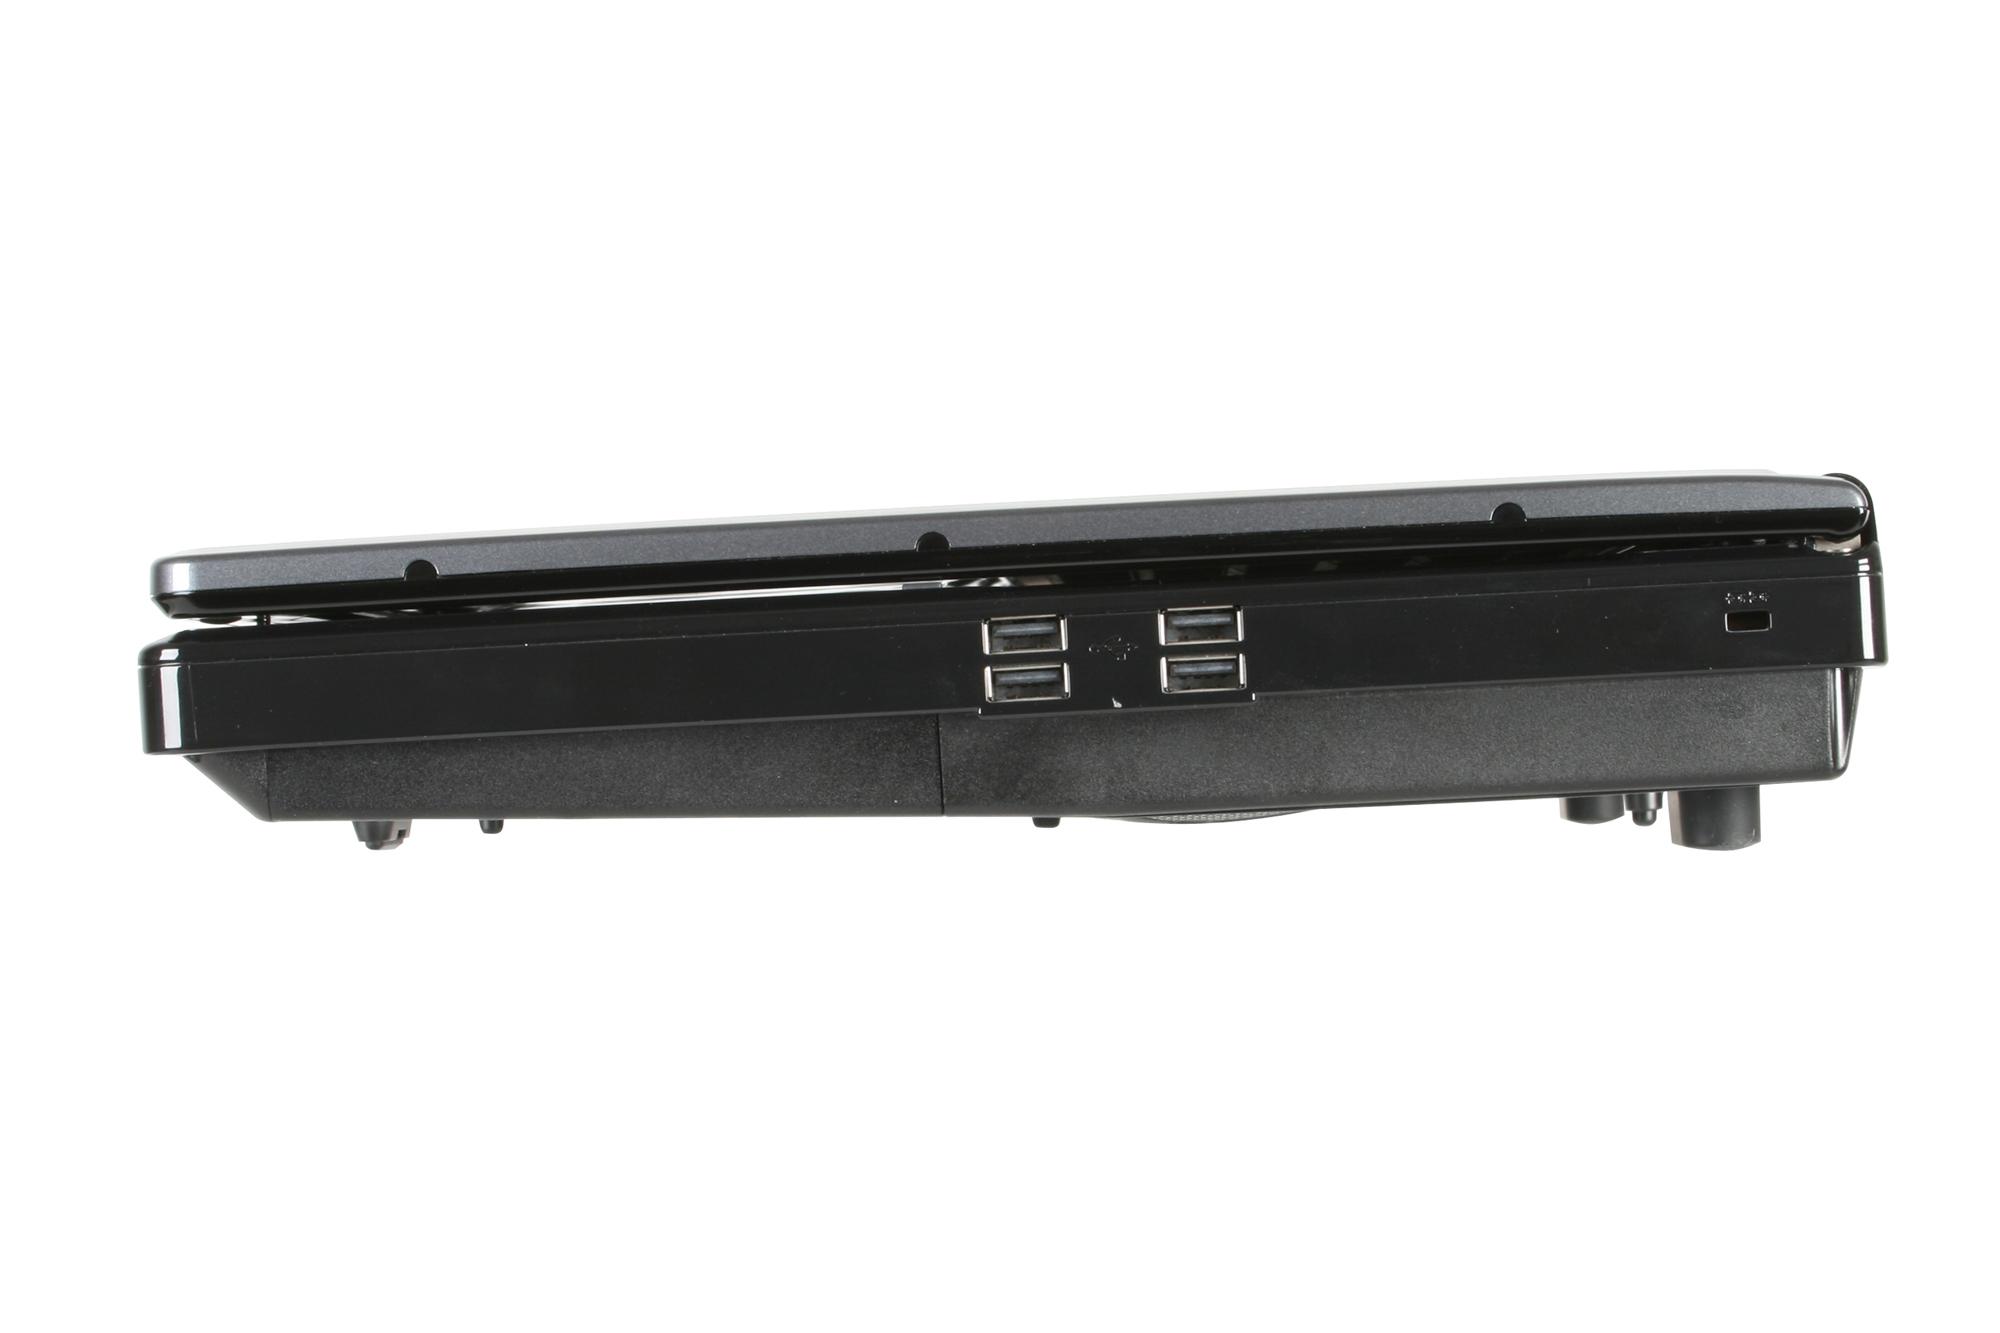 MONSTER X55D900F280 17.1